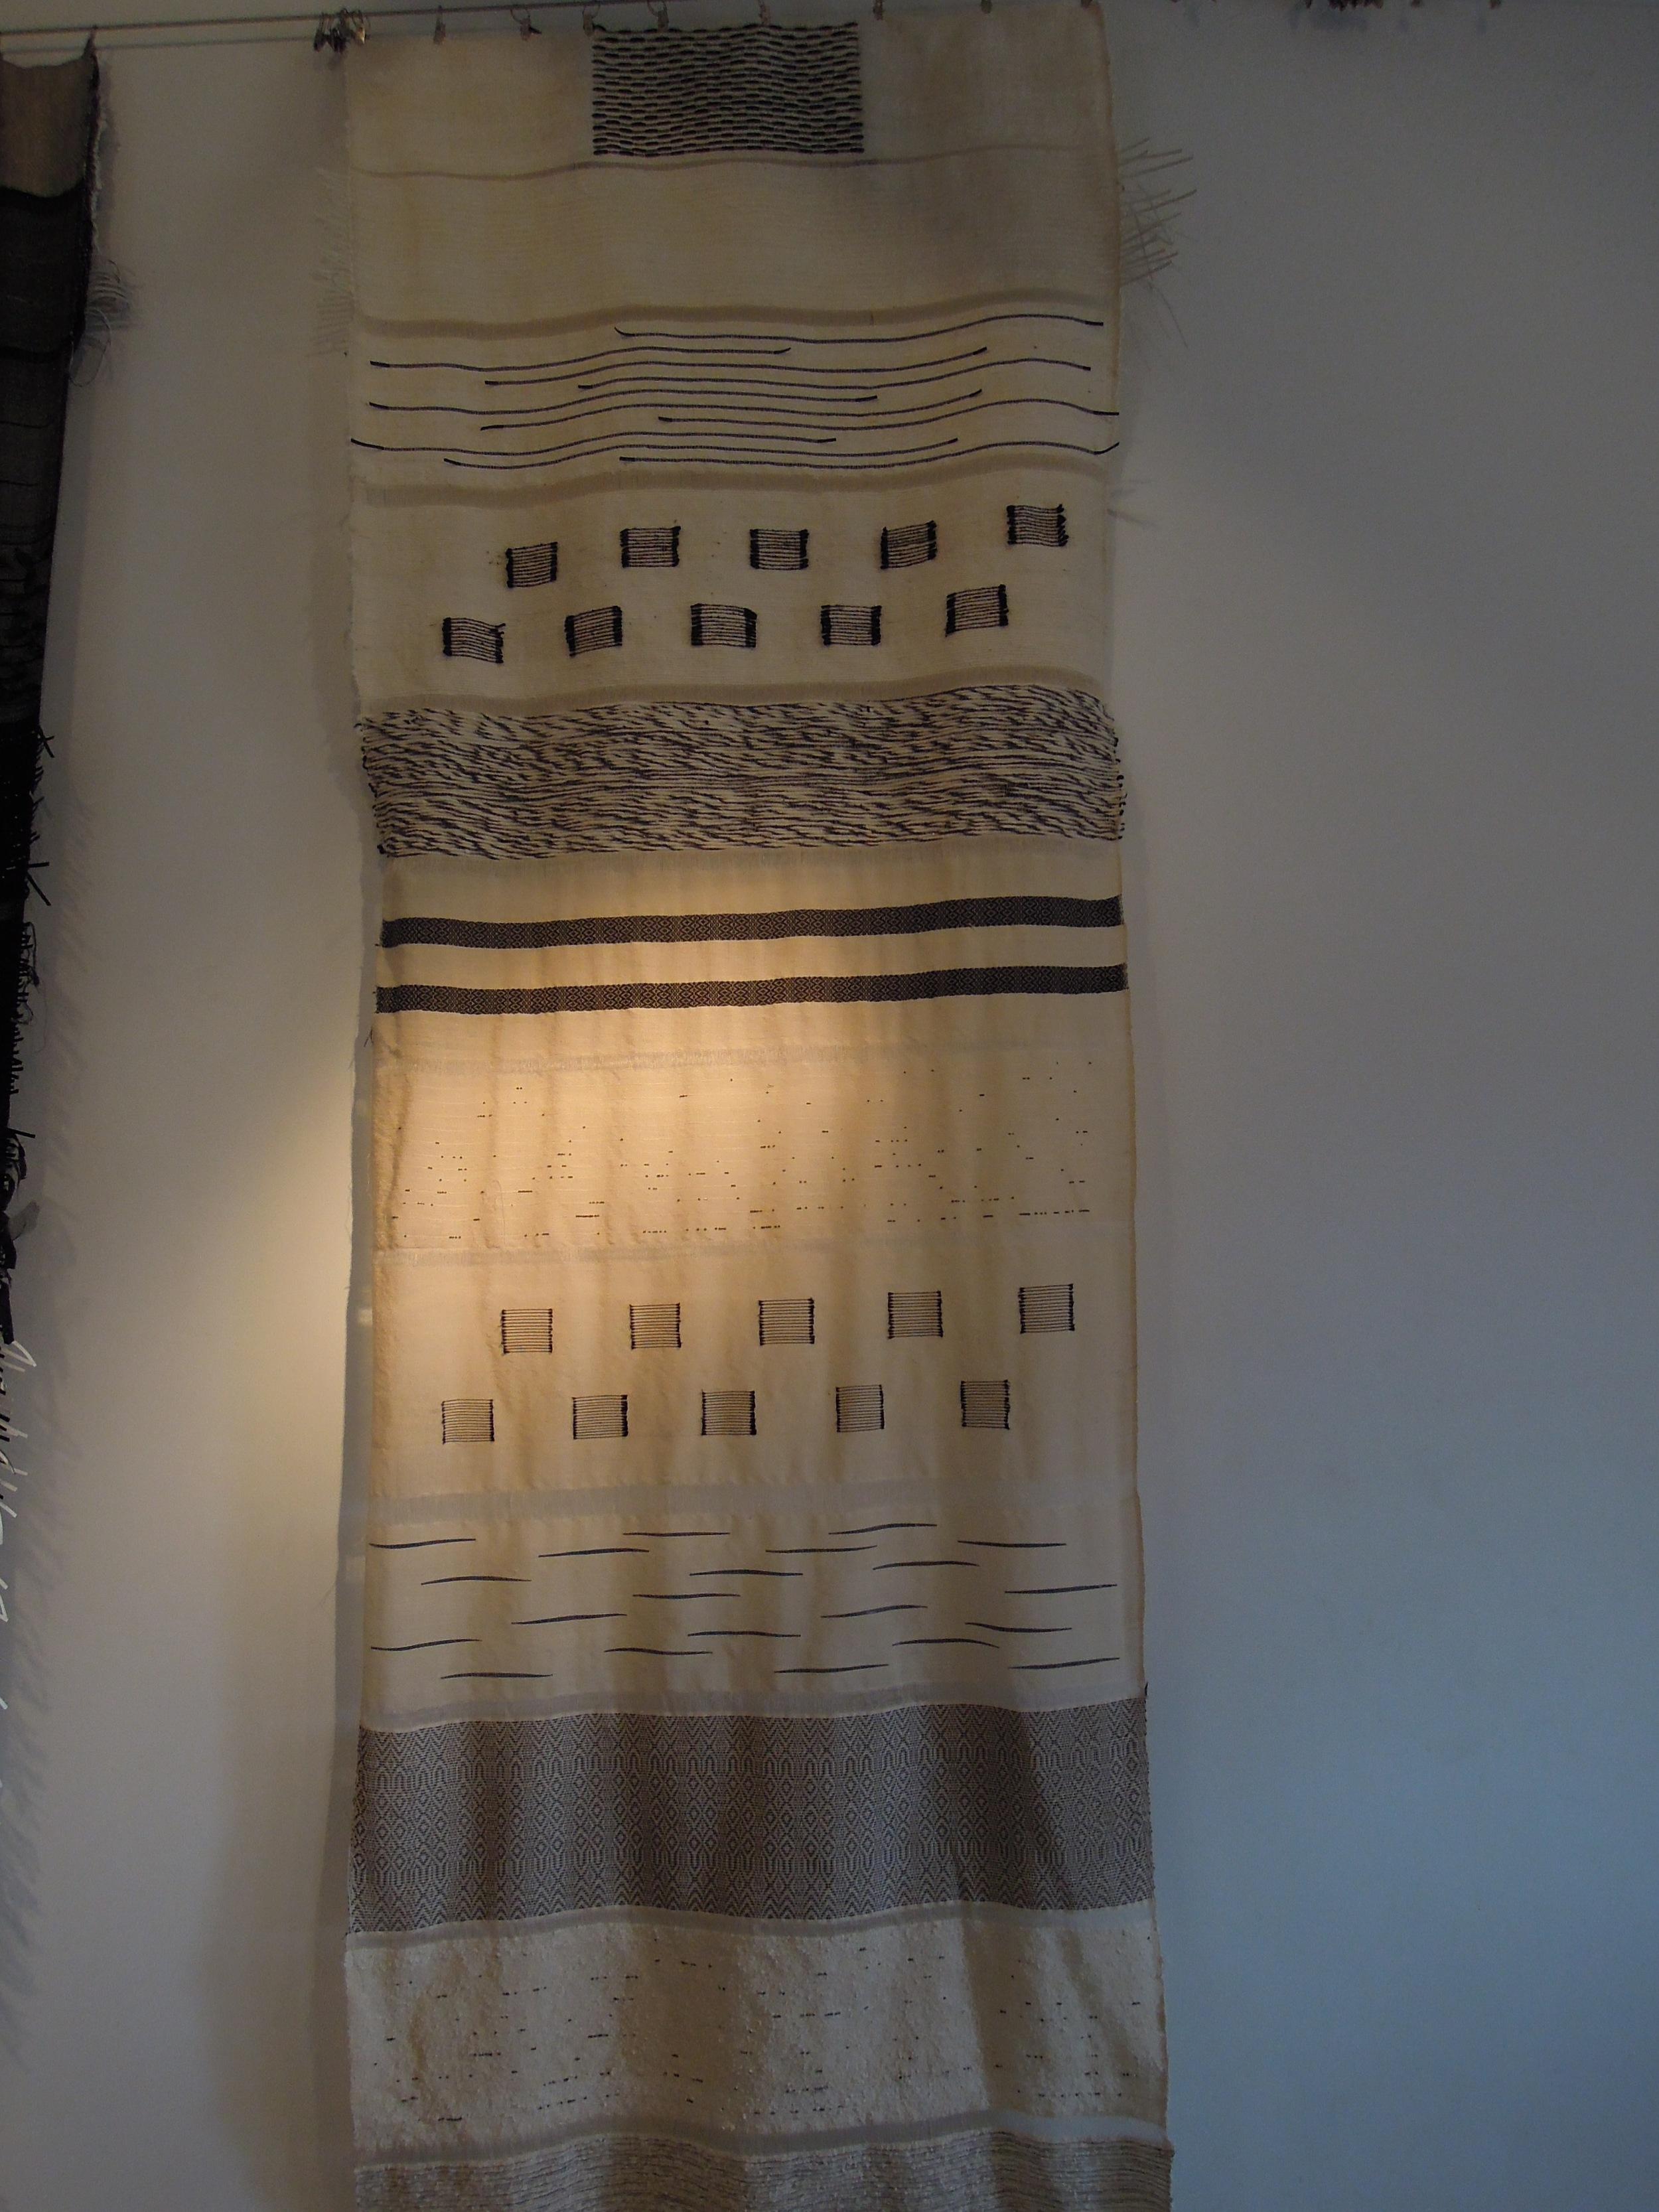 Tenture Buldi Sample Blanket.JPG